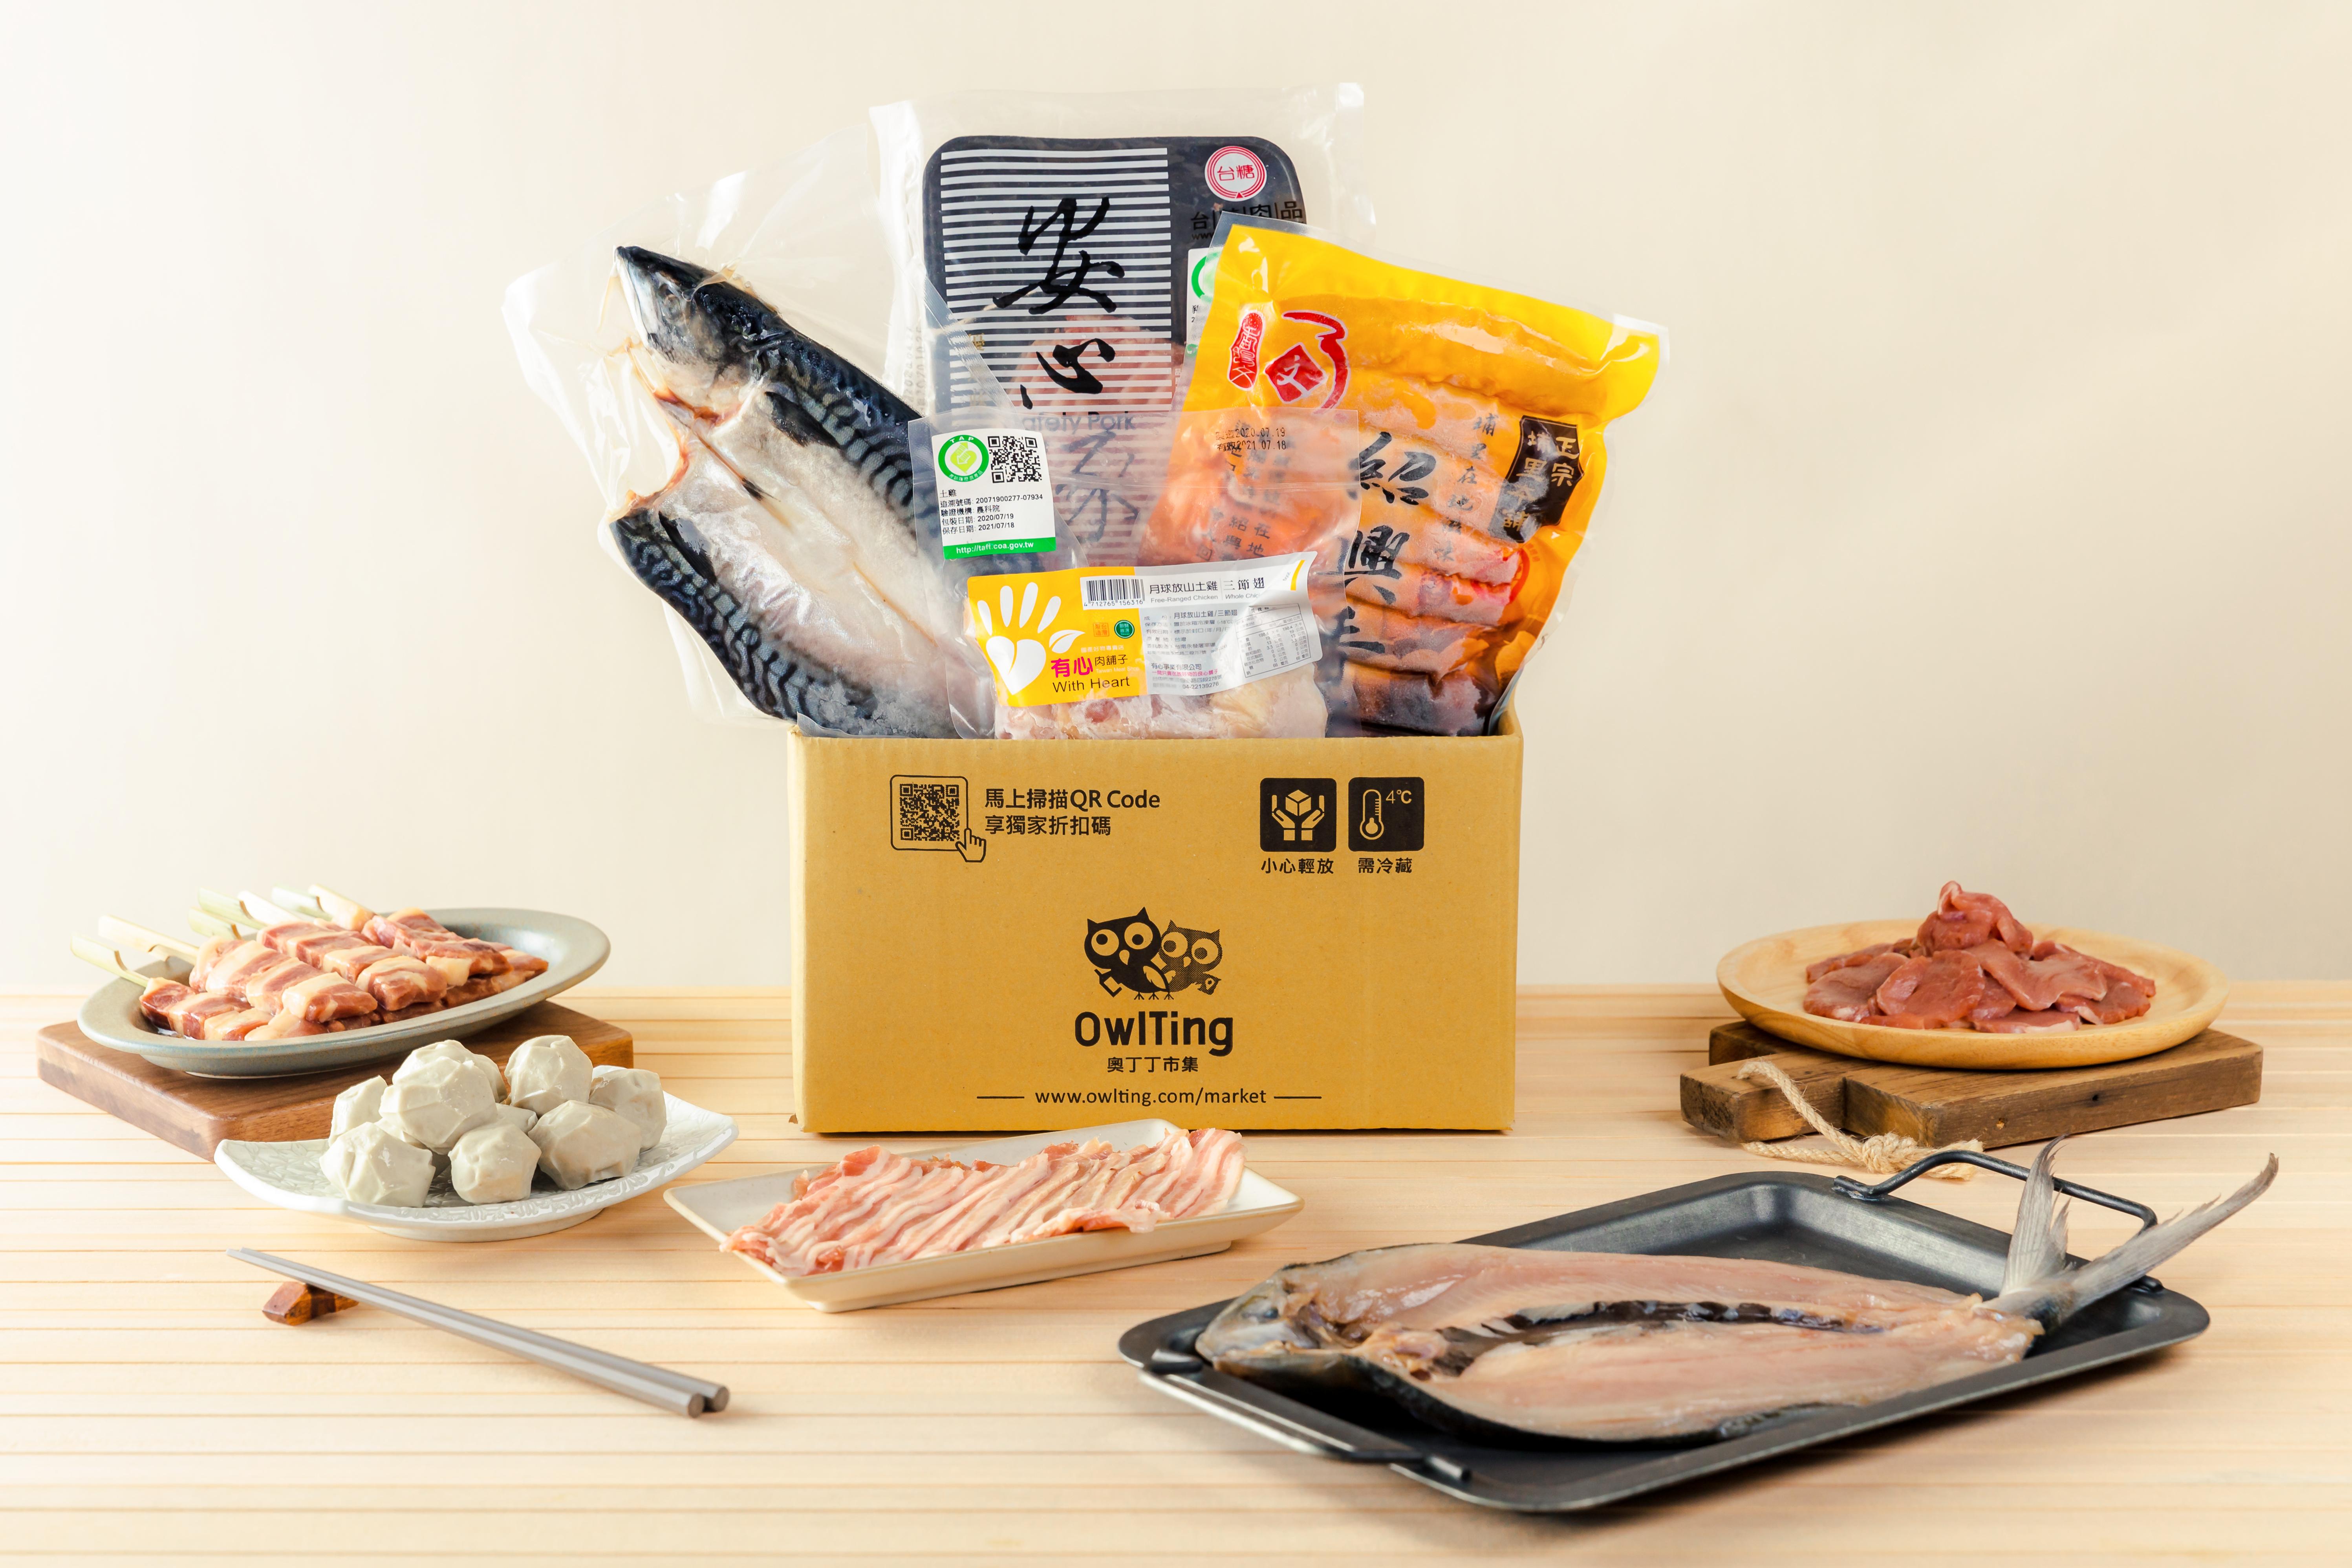 【圖六】奧丁丁市集獨家限定中秋烤肉箱-綜合海陸箱